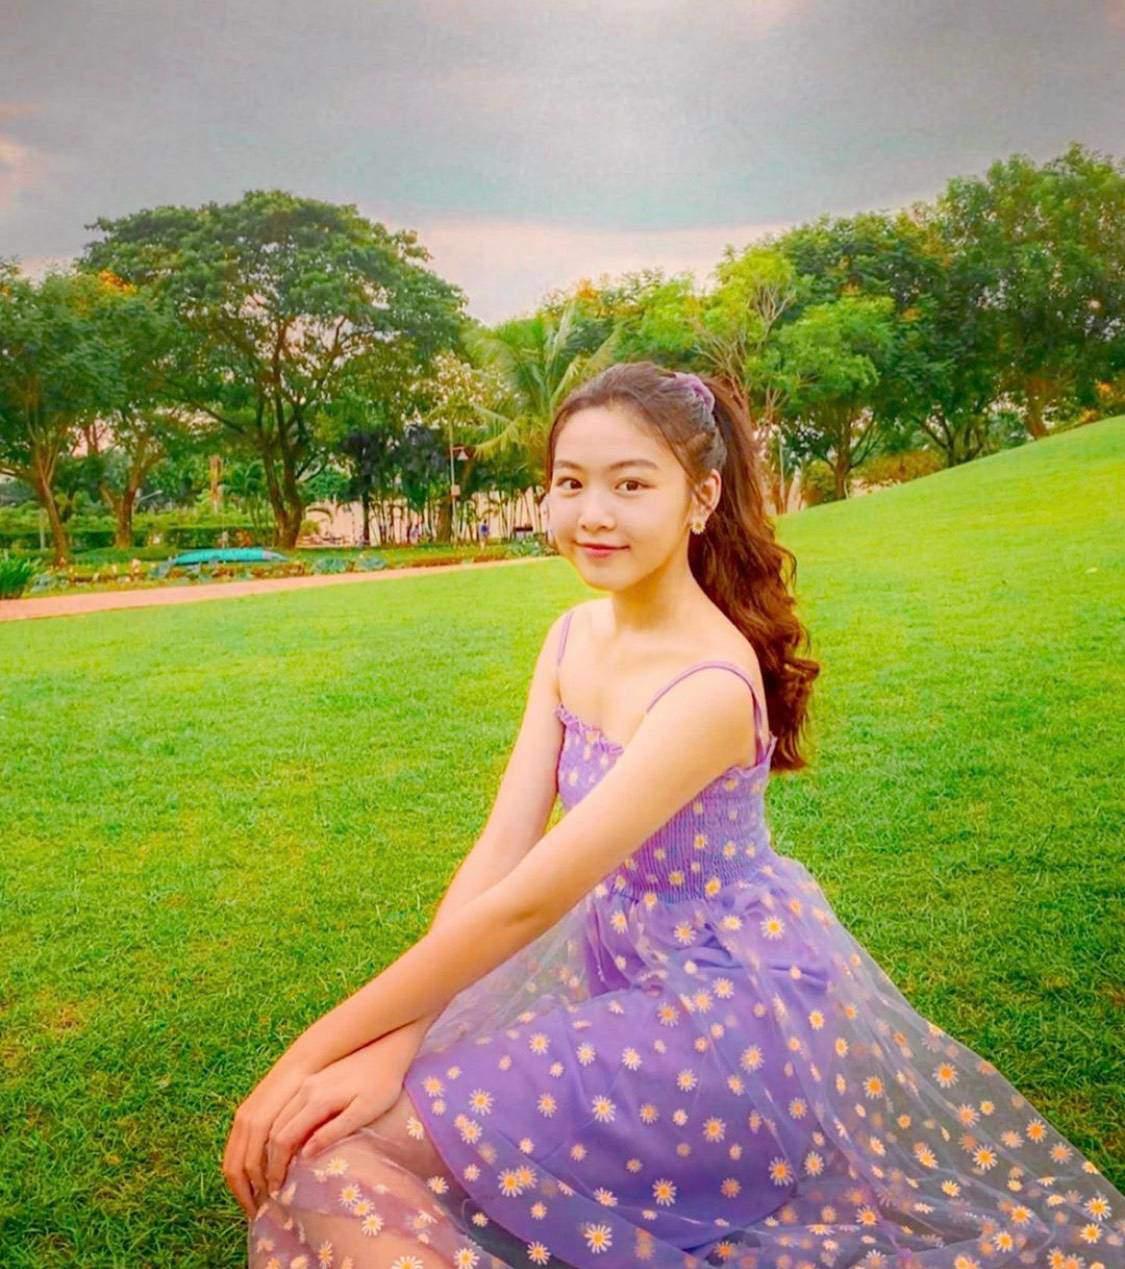 Bố nói con không dùng Facebook, dân tình phát hiện trang MXH con gái Quyền Linh, đăng toàn ảnh Hot-4